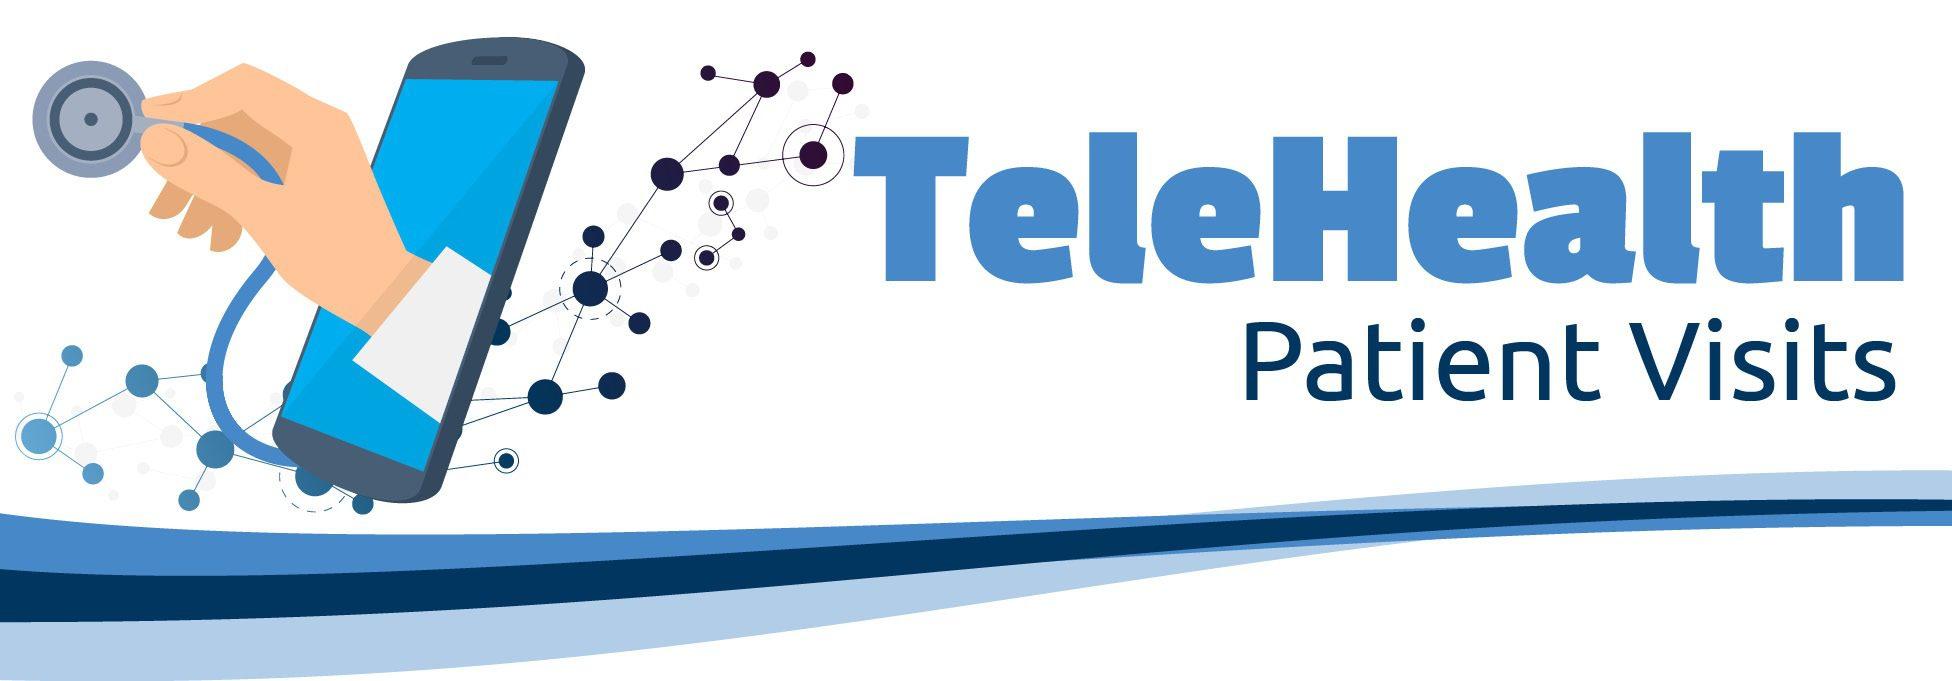 SMH TeleHealth Patient Visits